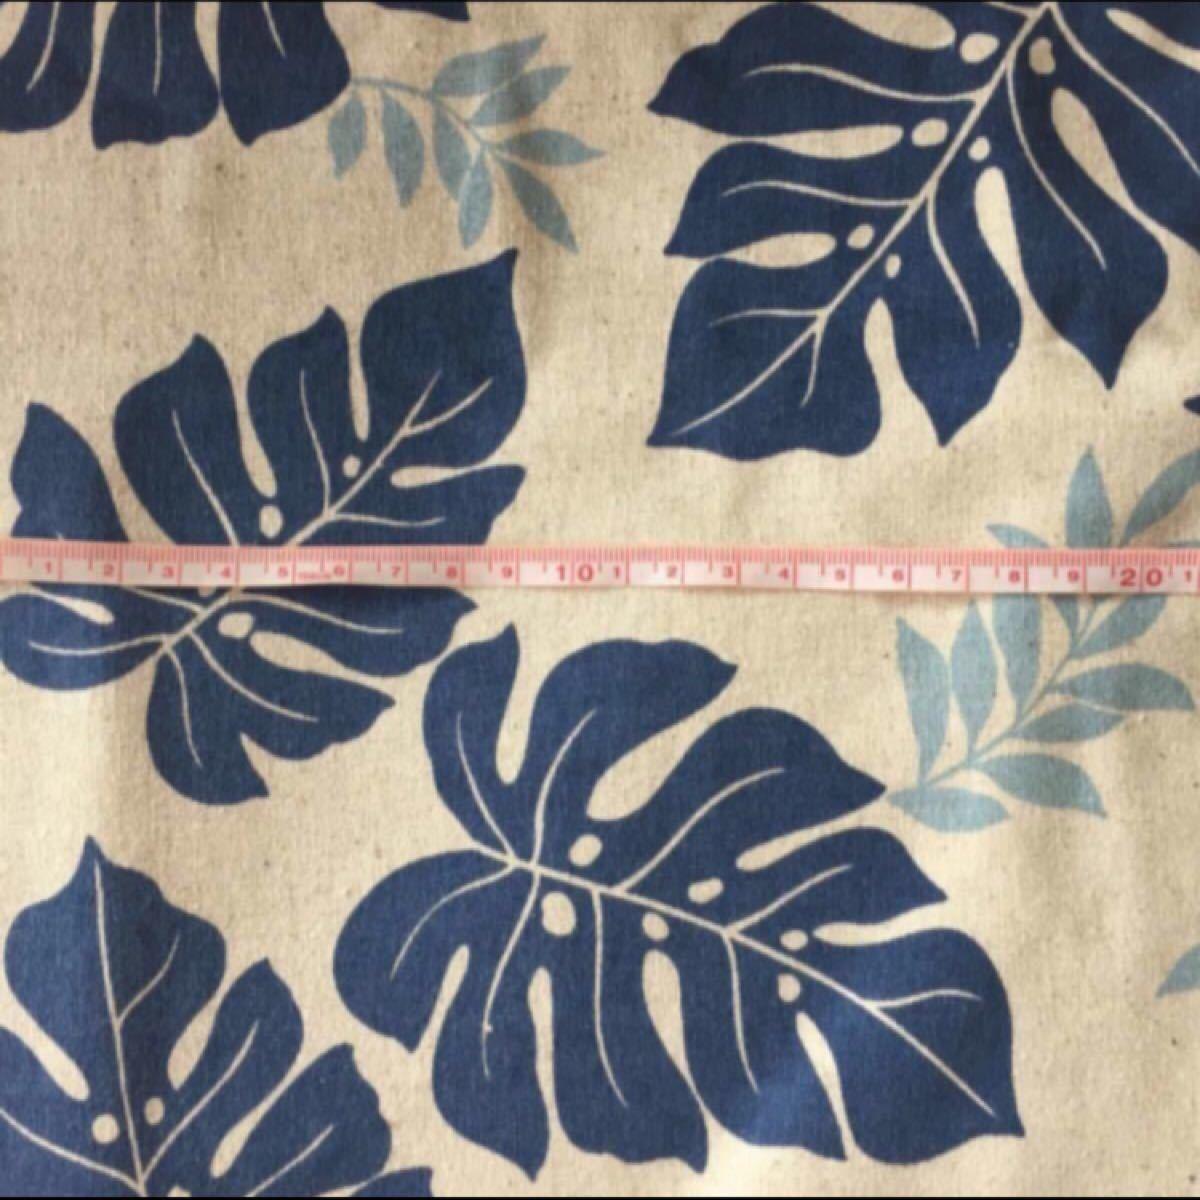 【ラスト】綿麻生地☆ハワイアンリーフ 110×50 青 夏 葉 キャンバス はぎれ 生成 日本製 モンステラ